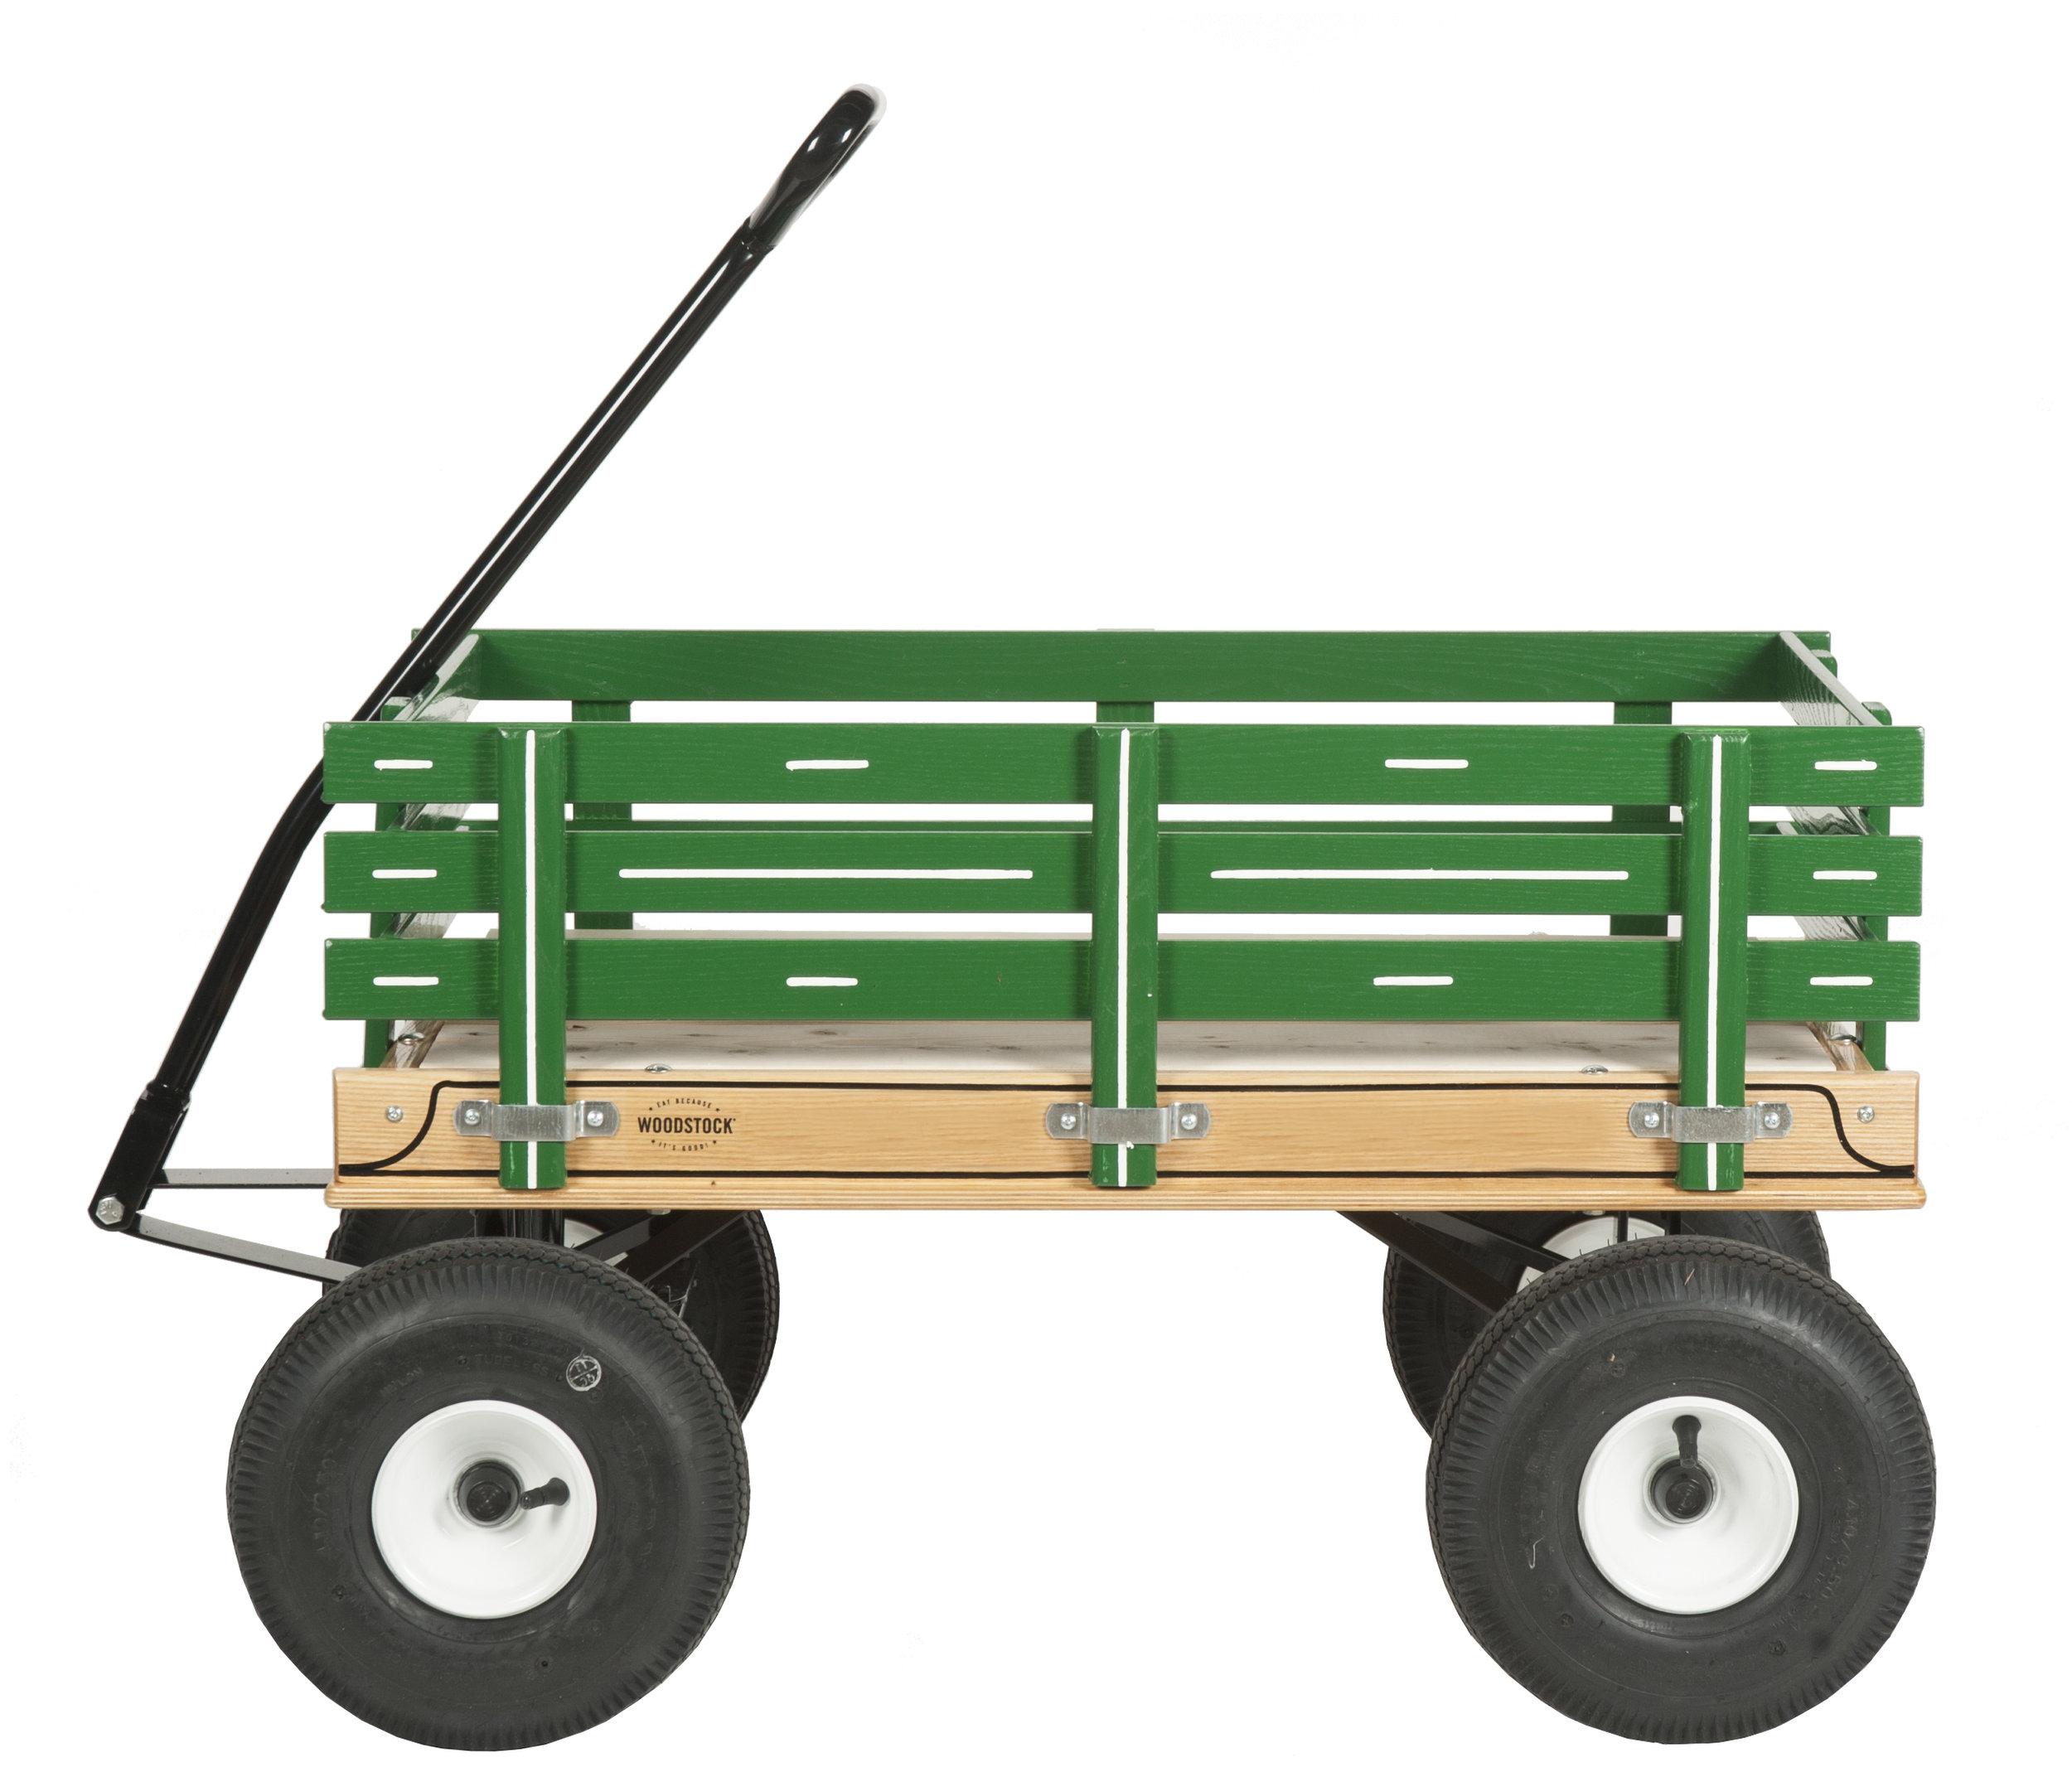 Woodstock_Wagon_Sweepstakes_Wagon.jpg